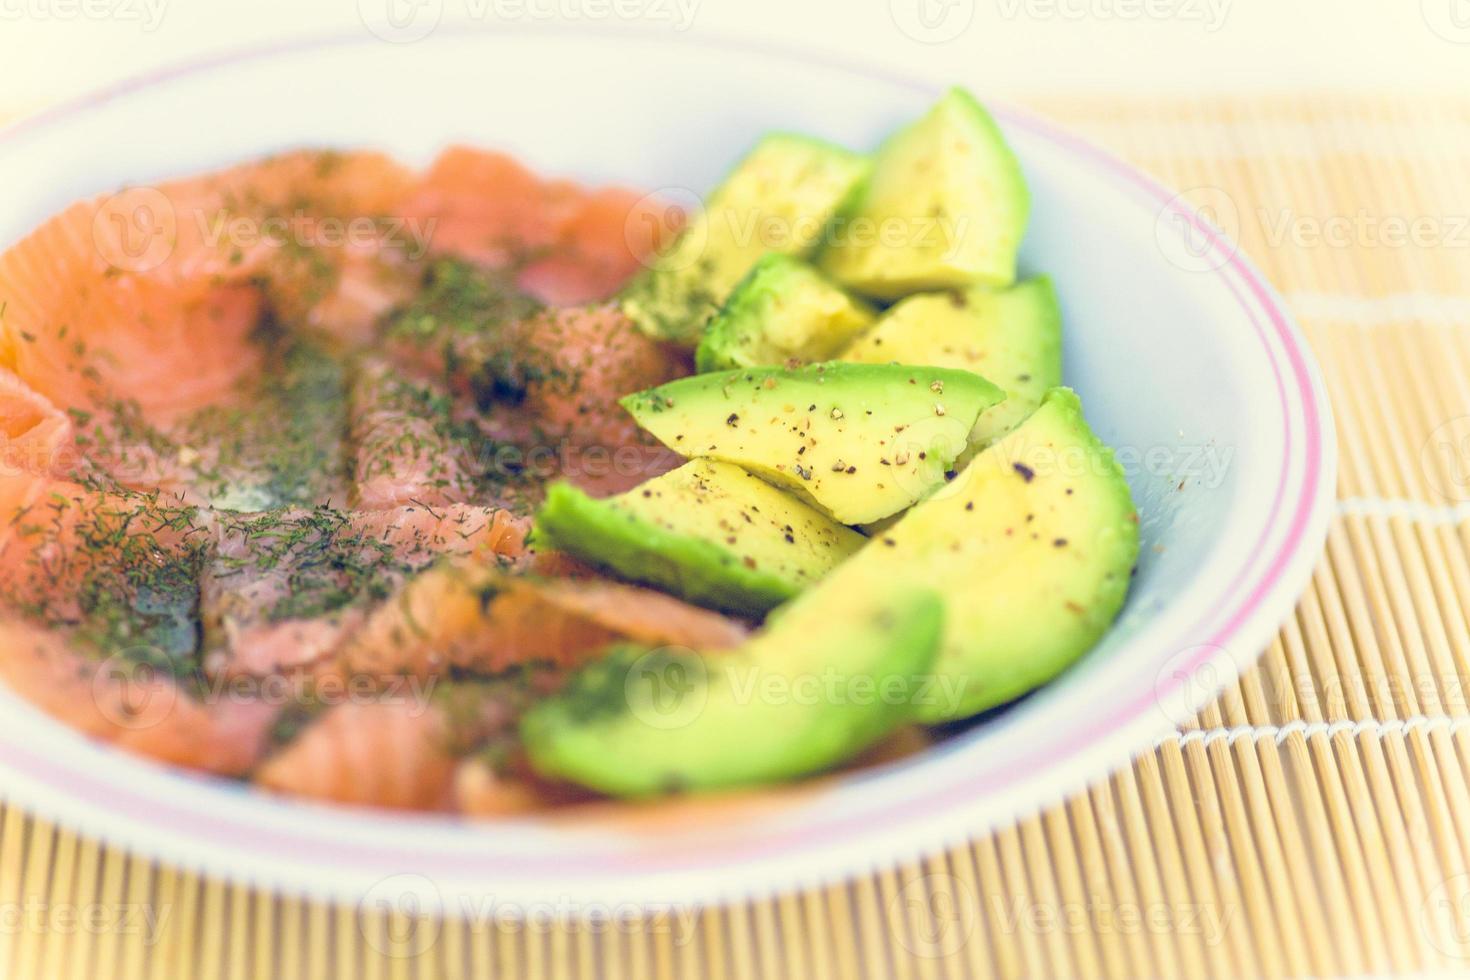 gesunde Rezepte: Avocado, Räucherlachs und Gewürze foto